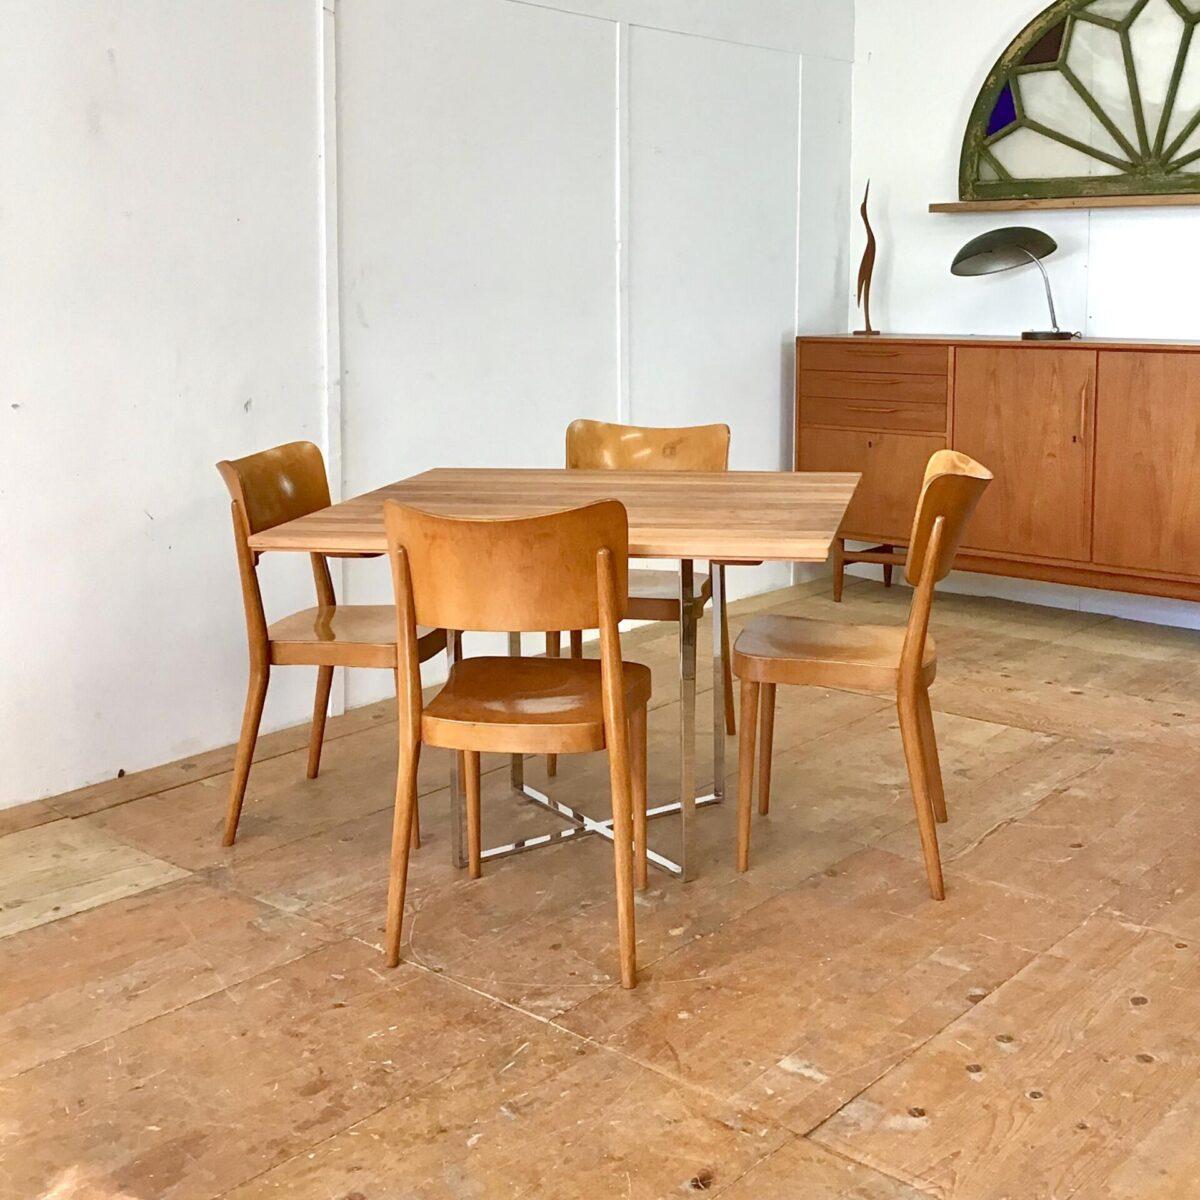 Deuxieme.shop Vier Stapelbare Esszimmer Stühle. Dieser Holzstuhl ist ein Werkentwurf von horgenglarus ende 40er Jahre. Er hat schon einige Elemente des berühmten Kreuzzargenstuhl von Max Bill. Der Anfang 50er Jahre auf den Markt kam. Mir gefallen die Runden konischen Beine, die hinteren sind Sie Dampfgebogen. Mit Formschönem Abschluss hinter der Rückenlehne. Das die Stühle, mit der hohen ergonomisch geformten Rückenlehne, sehr bequem sind sieht man ihnen schon von weitem an. Wir haben die Vorderbeine, welche im Lauf der Zeit etwas wackelig wurden, frisch verleimt. Und ein paar Furnierabplatzer neu eingepasst.